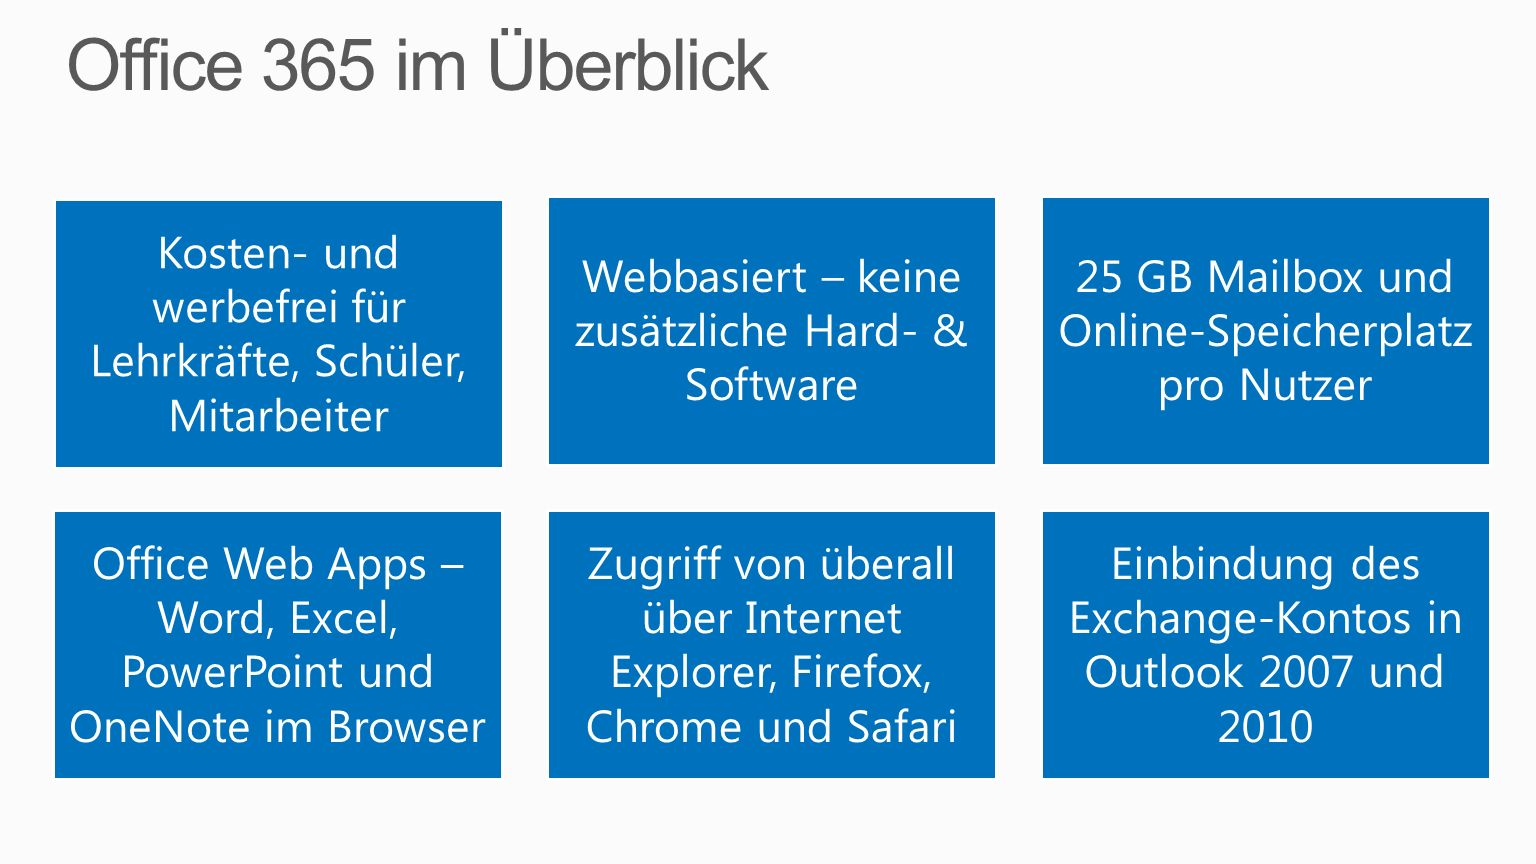 Office 365 im Überblick Kosten- und werbefrei für Lehrkräfte, Schüler, Mitarbeiter. Webbasiert – keine zusätzliche Hard- & Software.